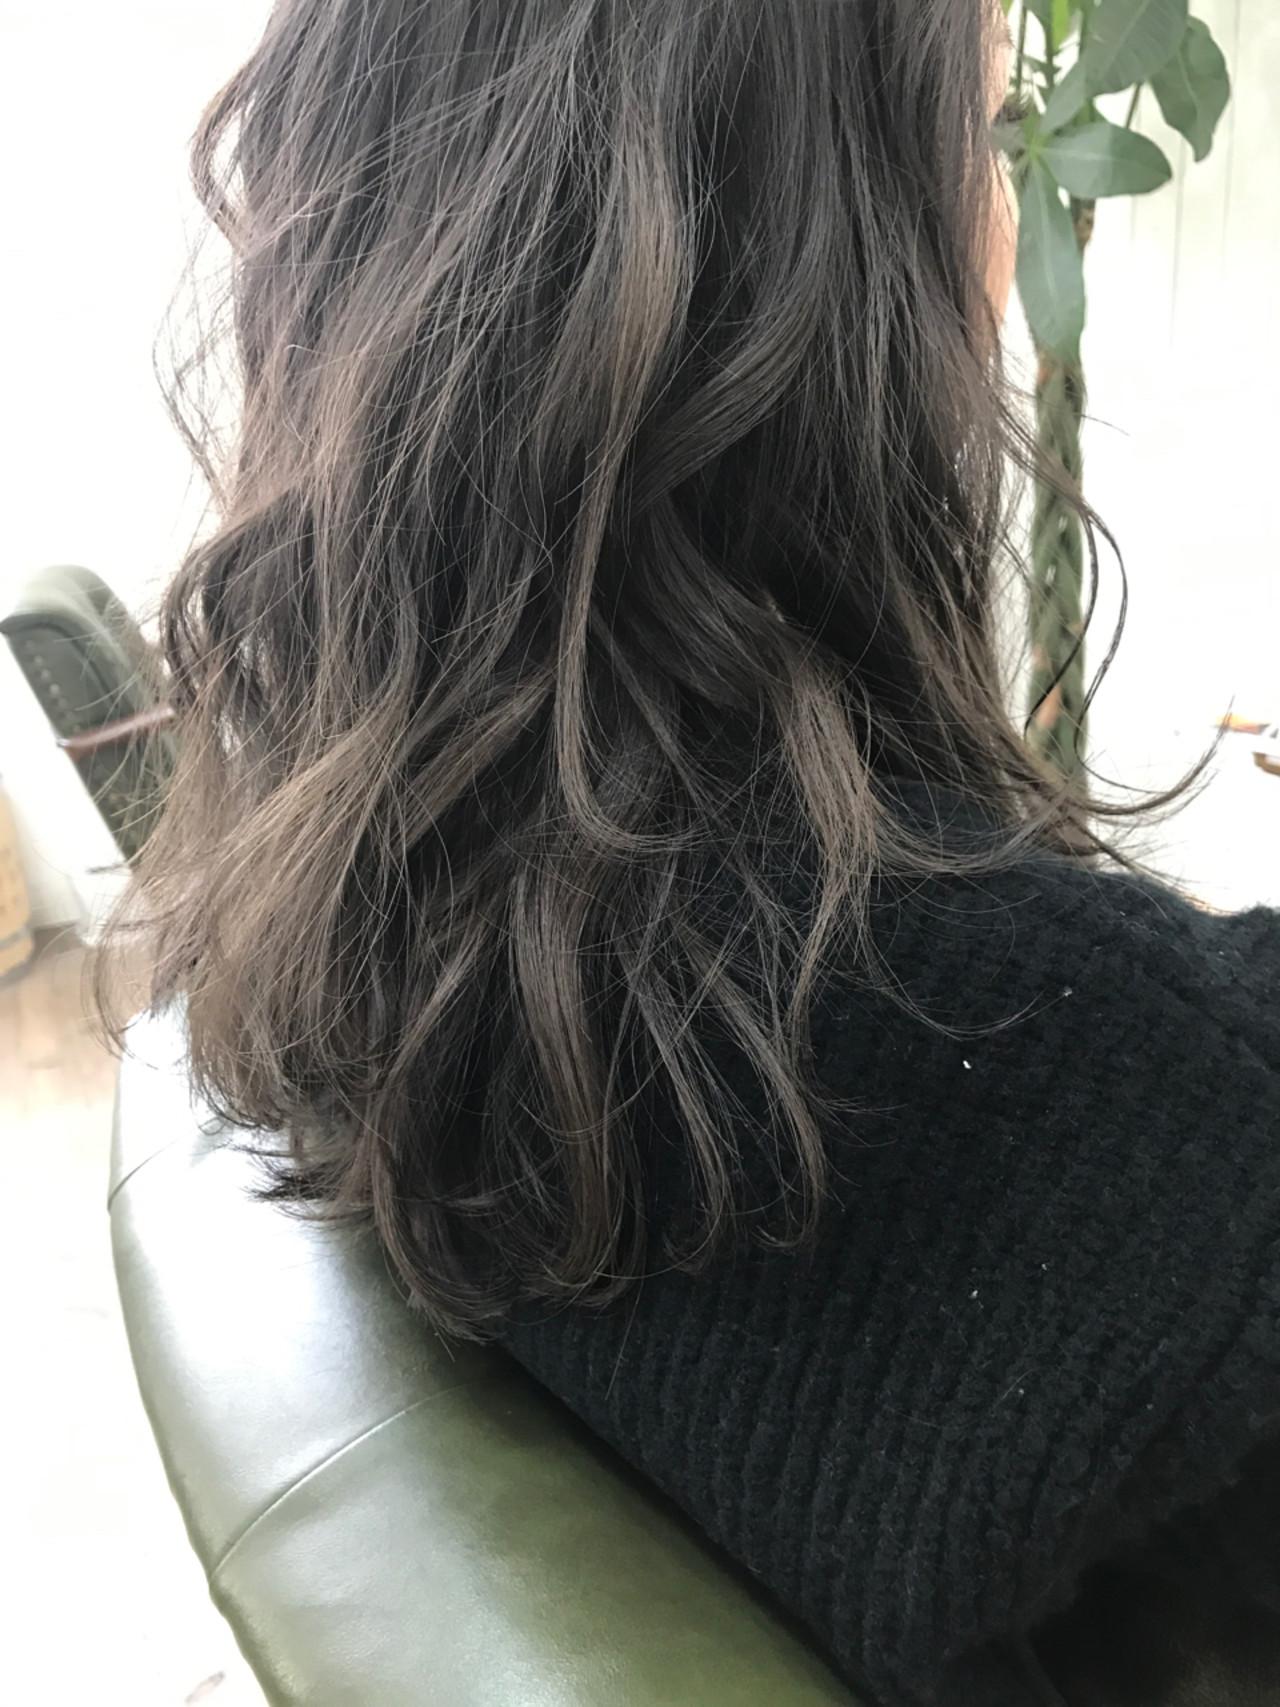 外国人風 ナチュラル 大人かわいい ゆるふわ ヘアスタイルや髪型の写真・画像 | ISHIKAWA TORU / Hair Salon GREENROOM